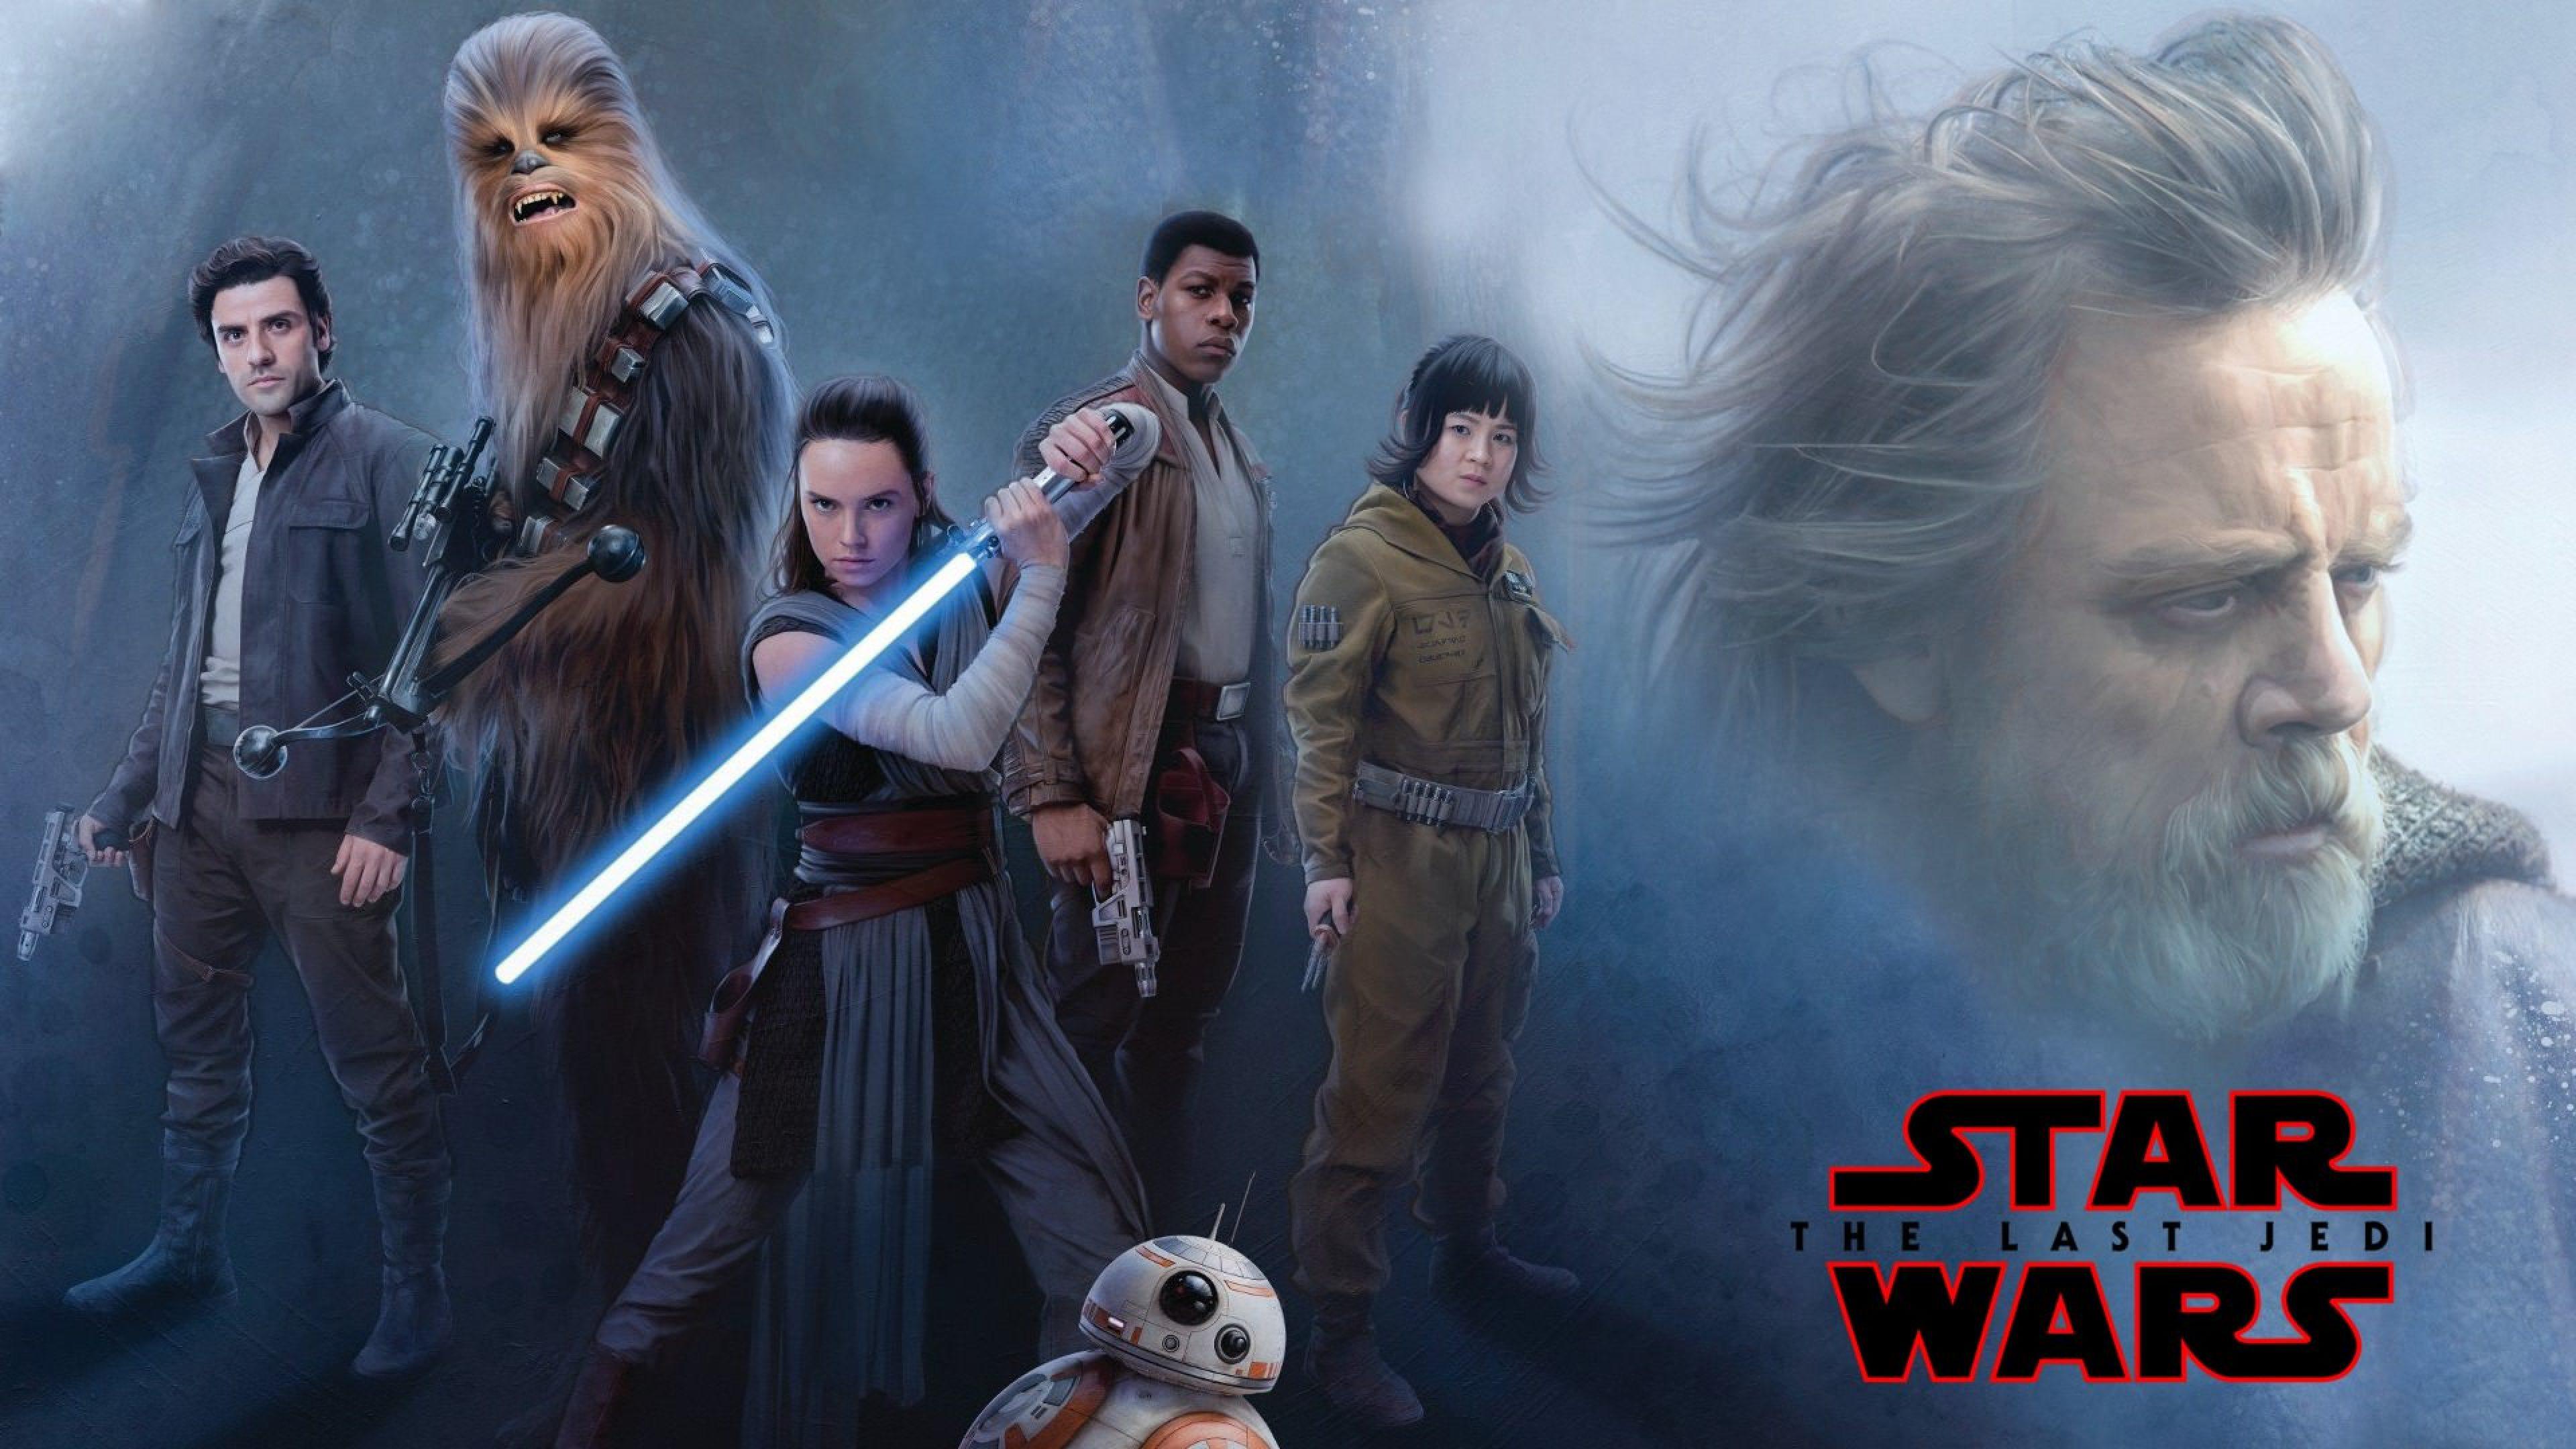 Star Wars The Last Jedi Resistance 3840x2160 Wallpaper Teahub Io